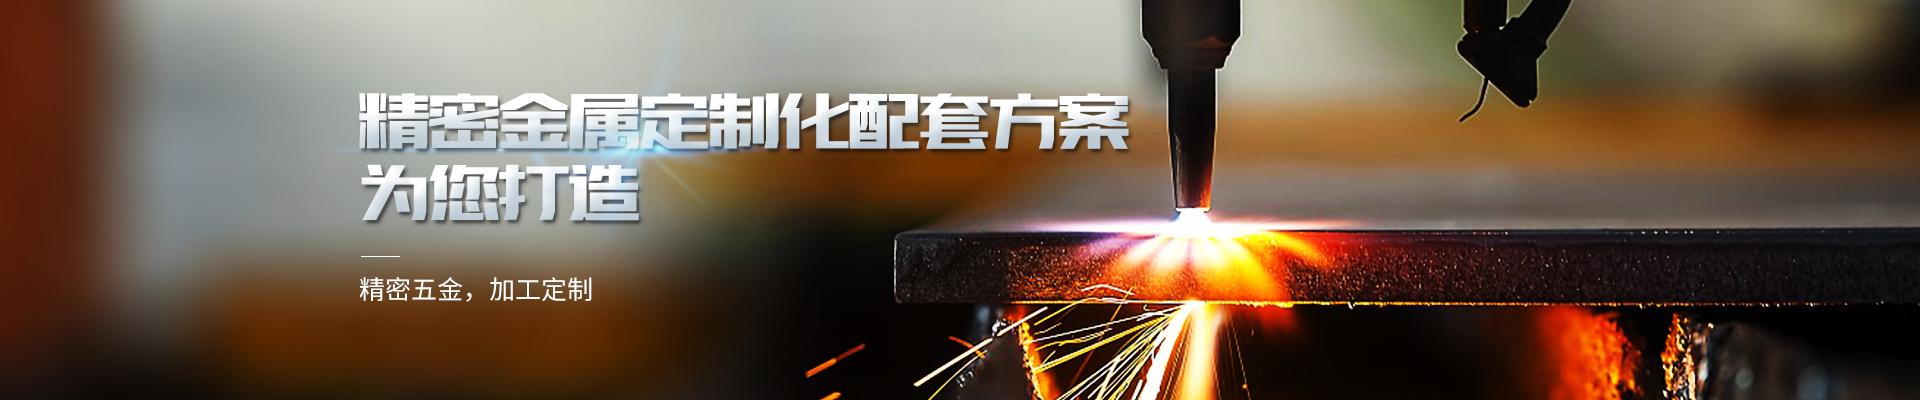 诚瑞丰为您打造精密金属定制化配套方案